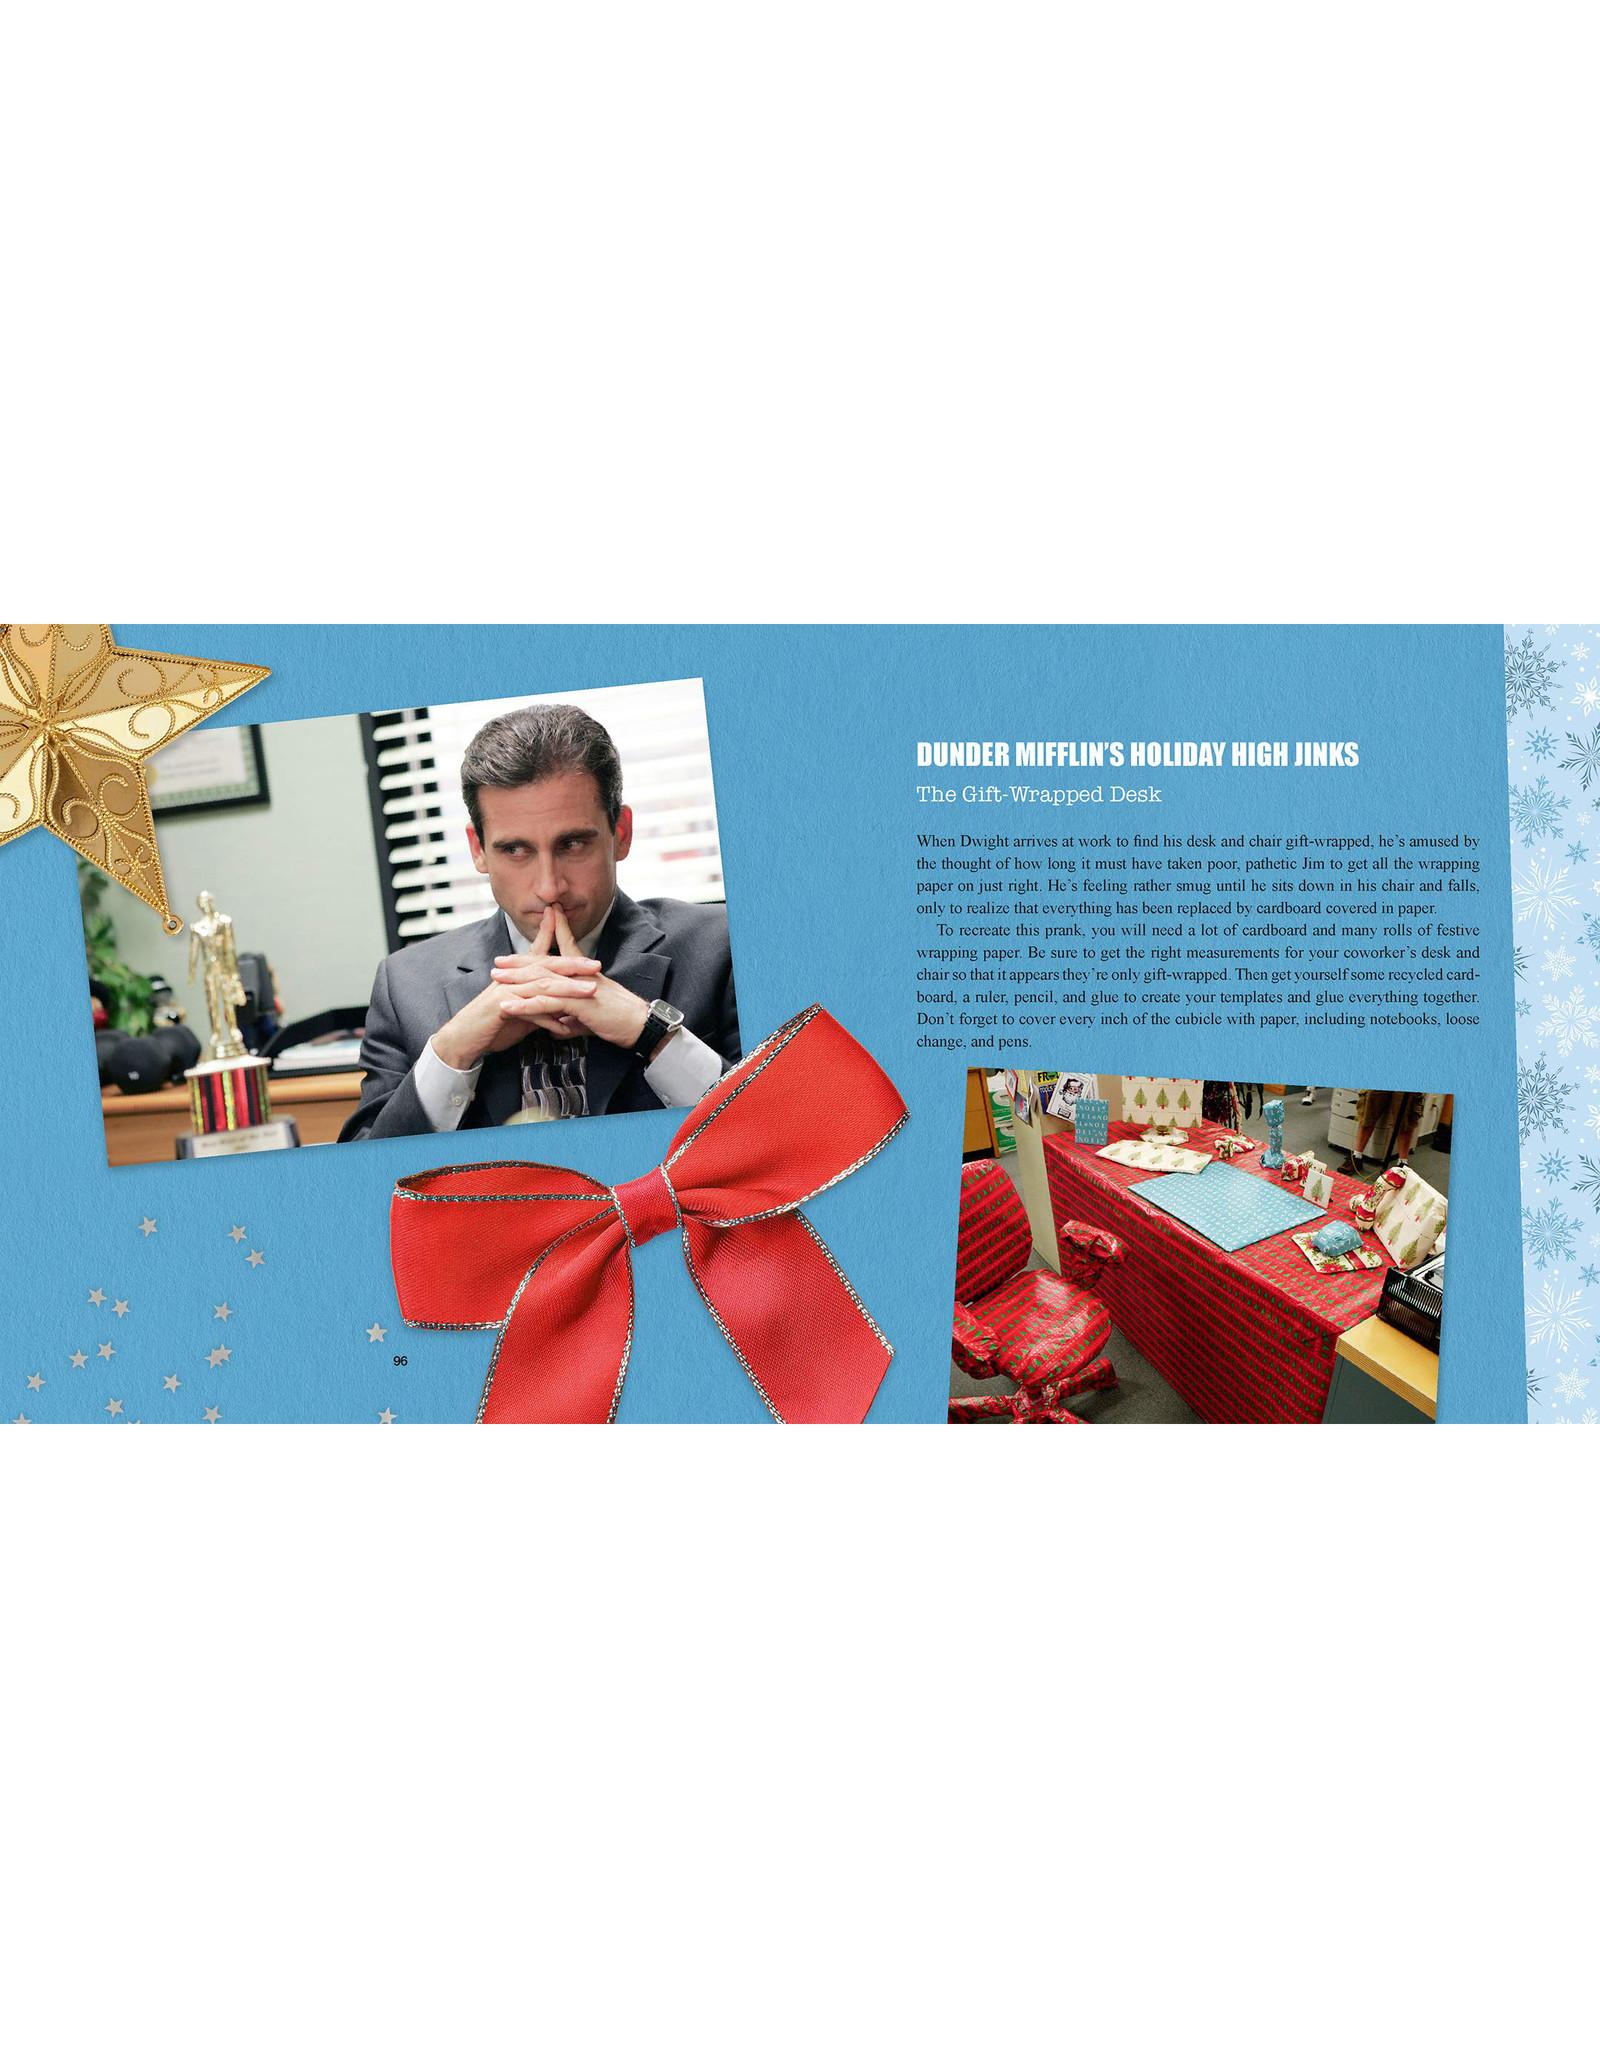 A Very Merry Dunder Mifflin Christmas